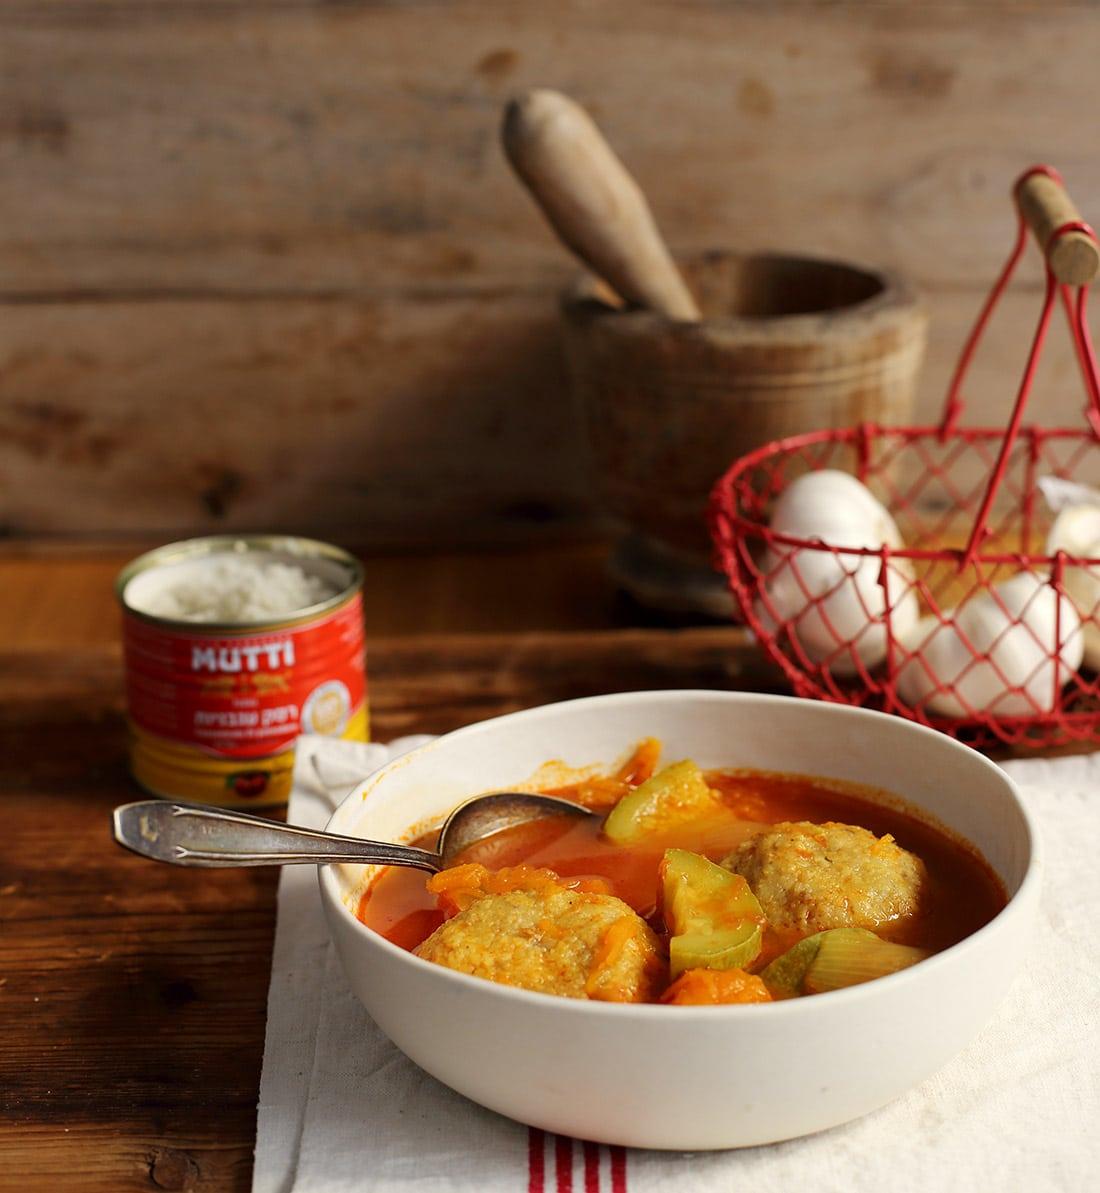 מרק קובה דלעת עם העגבניות של מוטי